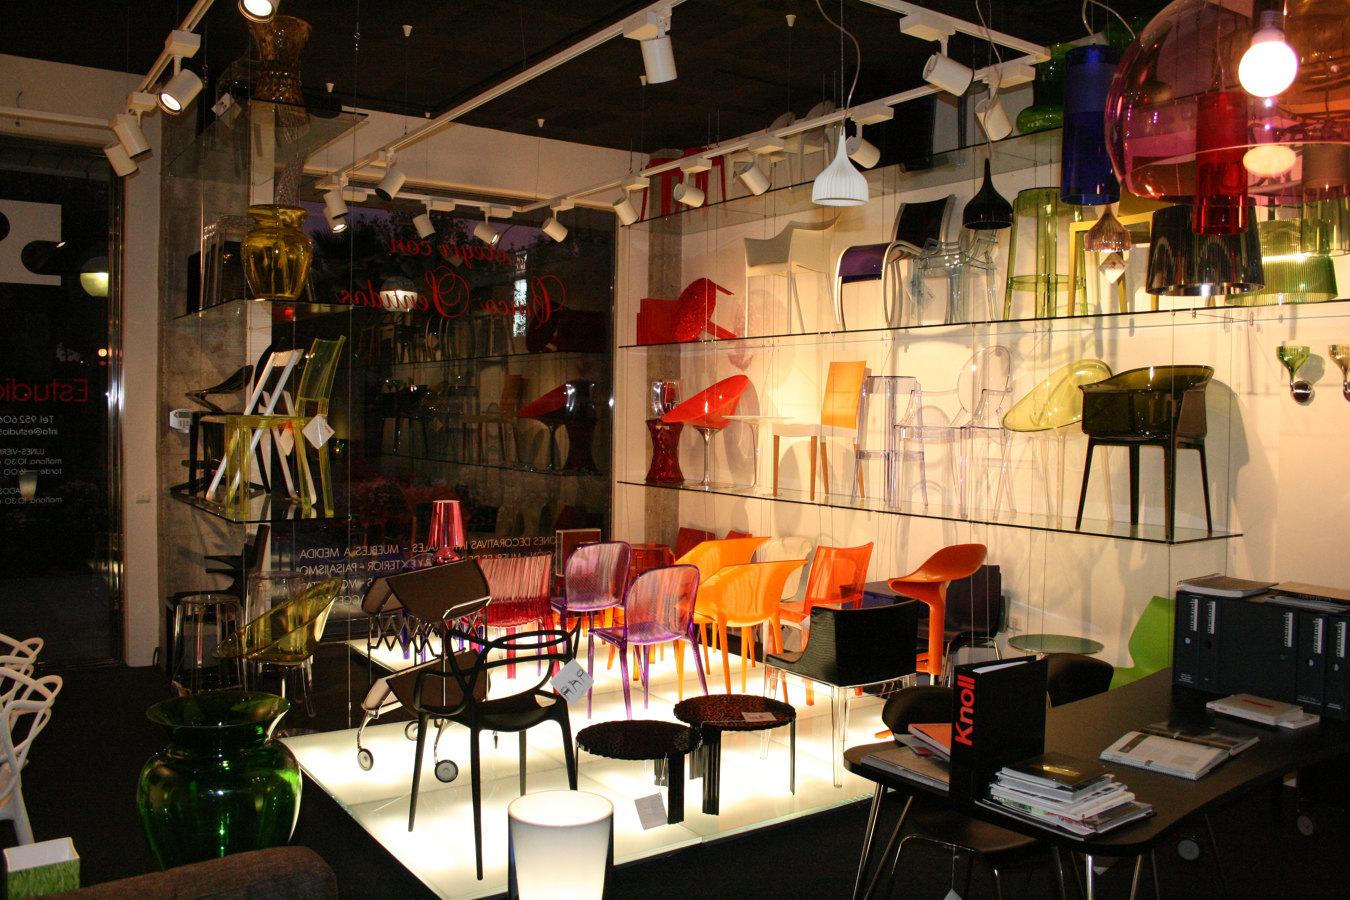 Foto exposici n de sillas de estudio 5s 177598 habitissimo for Sillas de estudio zaragoza